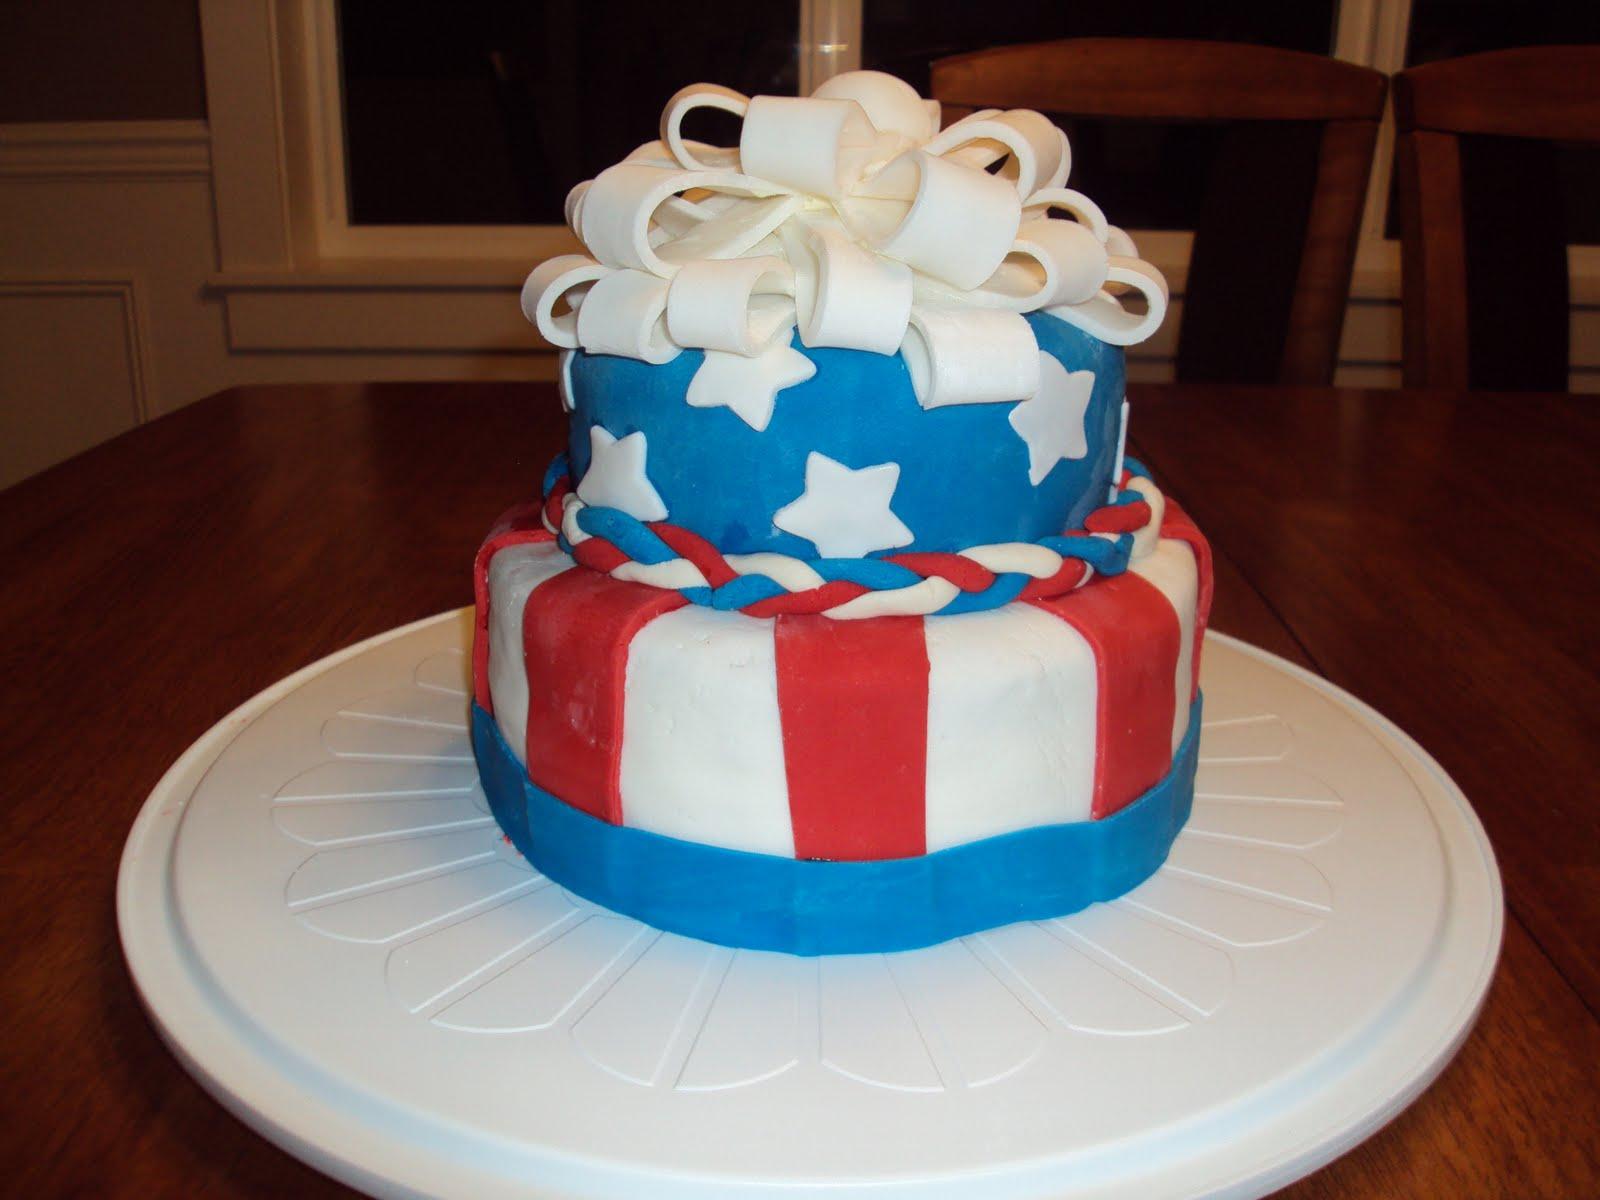 Cakes By Gigi 4th Of July Birthday Cake